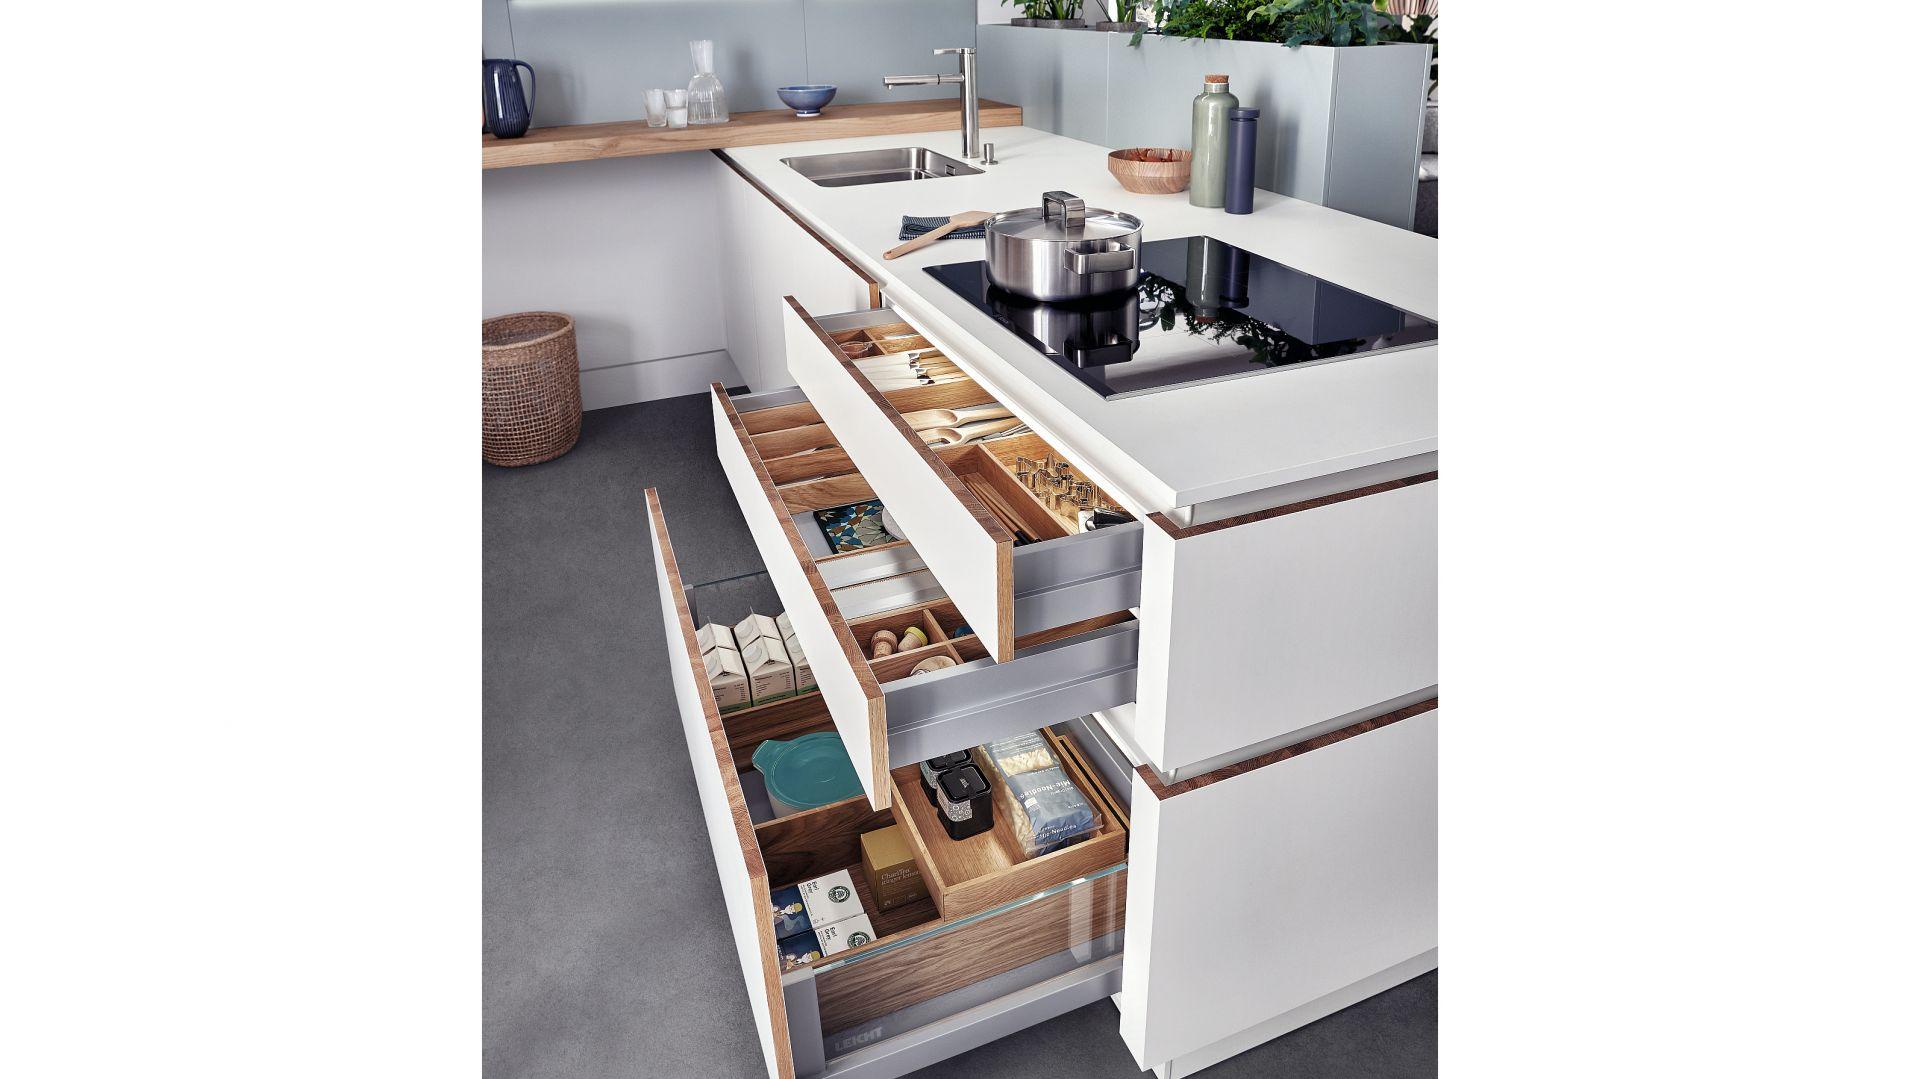 SOLID-C | VALAIS | CLASSIC-FS - funkcjonalny system szuflad wraz z organizacją wewnętrzną pozwala na efektowne przechowywanie podstawowych akcesoriów kuchennych. Fot. Leicht